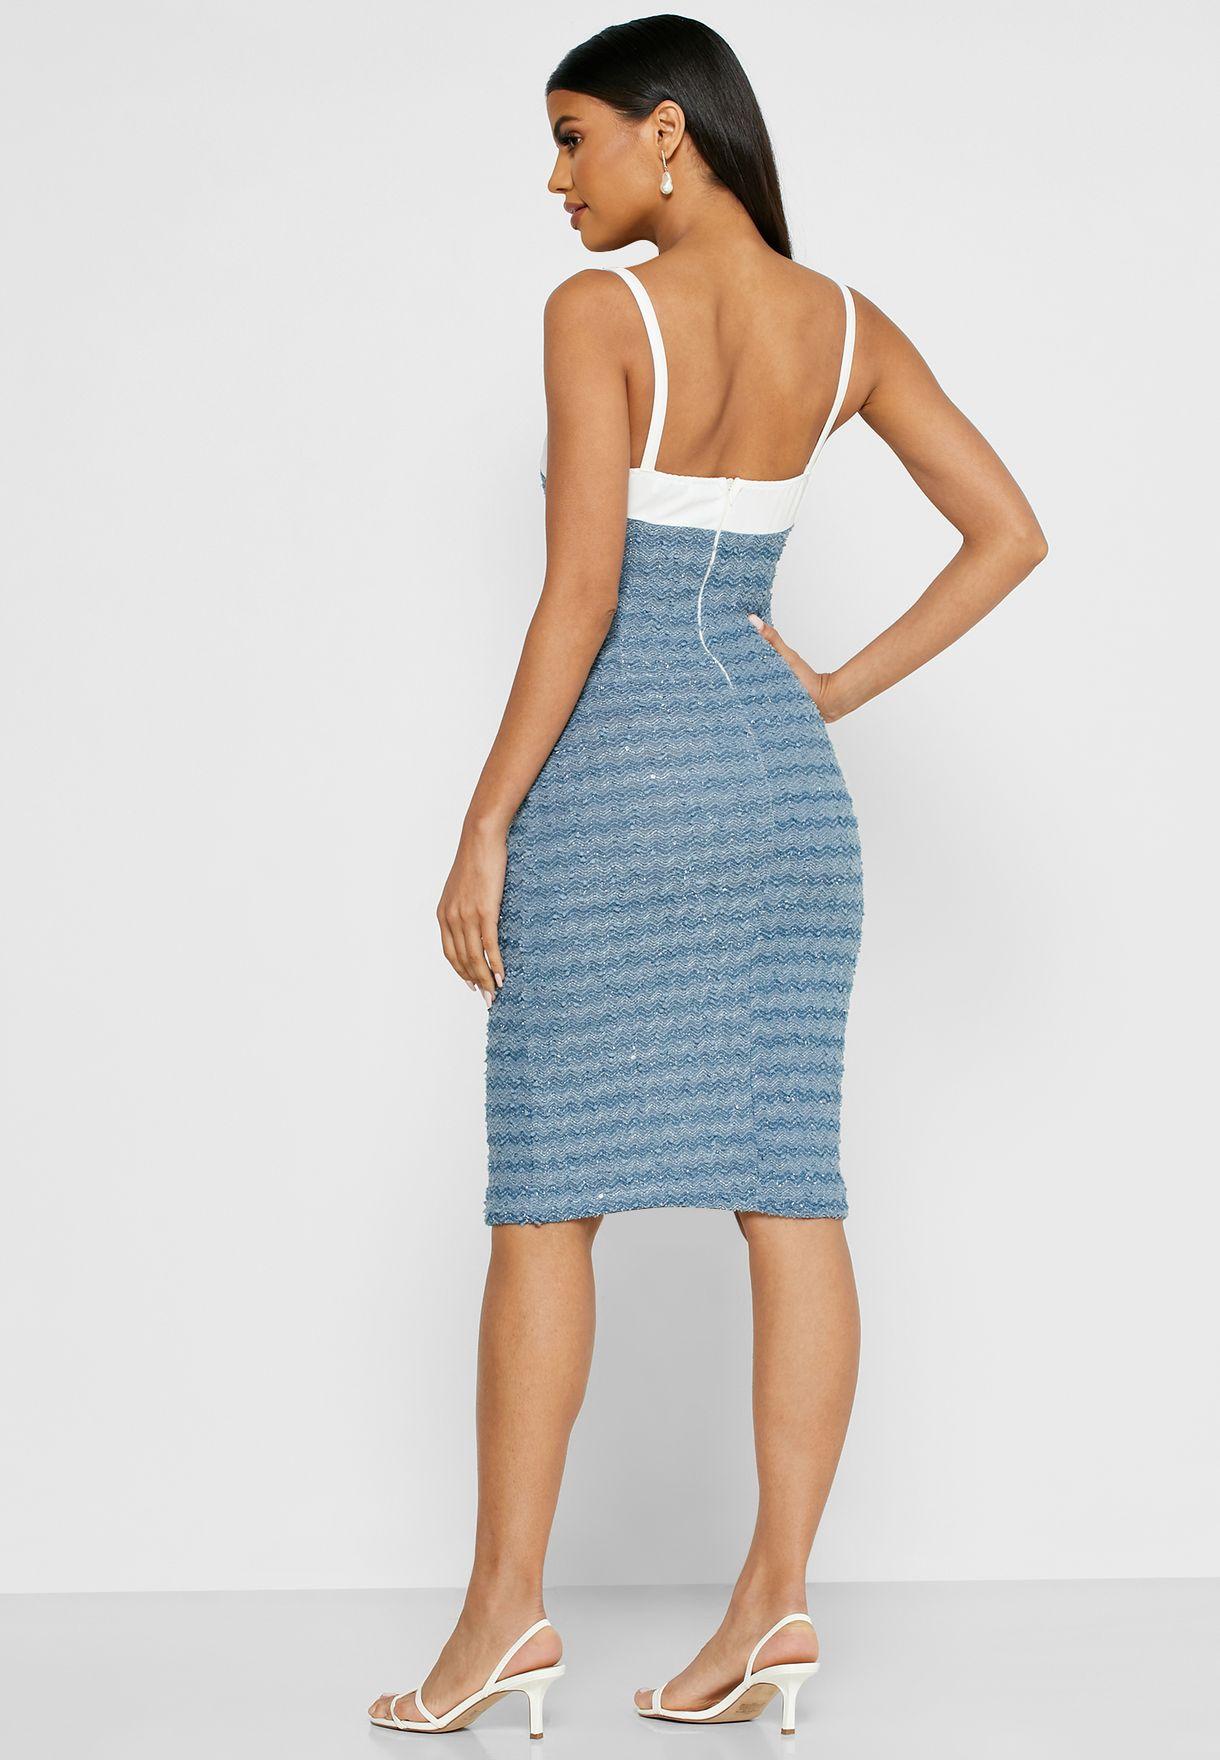 فستان ميني بأزرار واطراف مغايرة